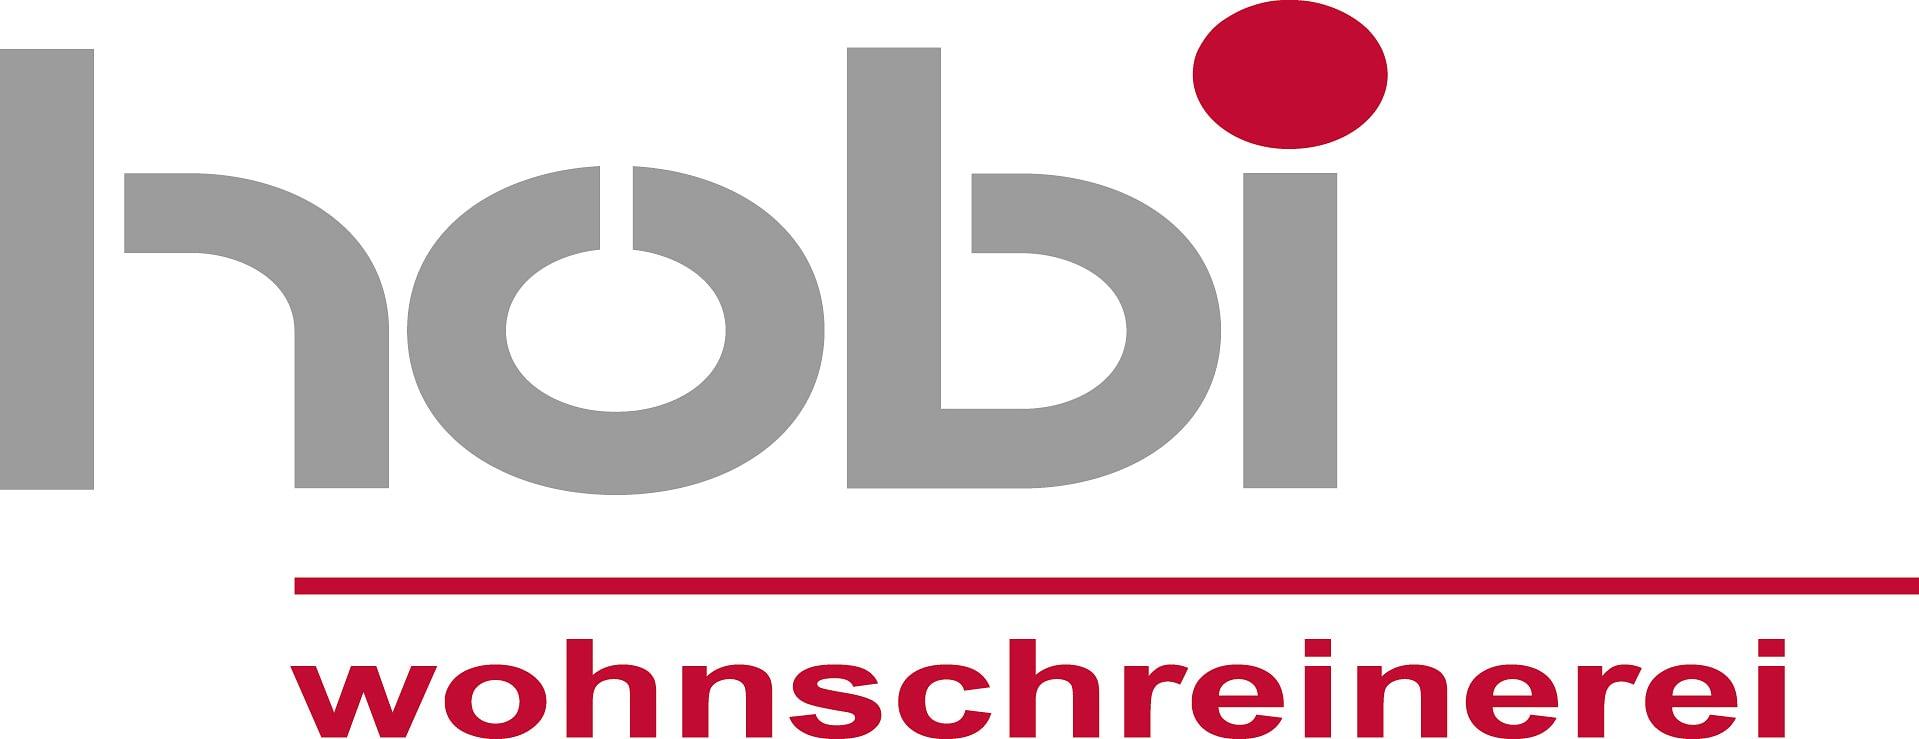 Hobi Wohnschreinerei AG